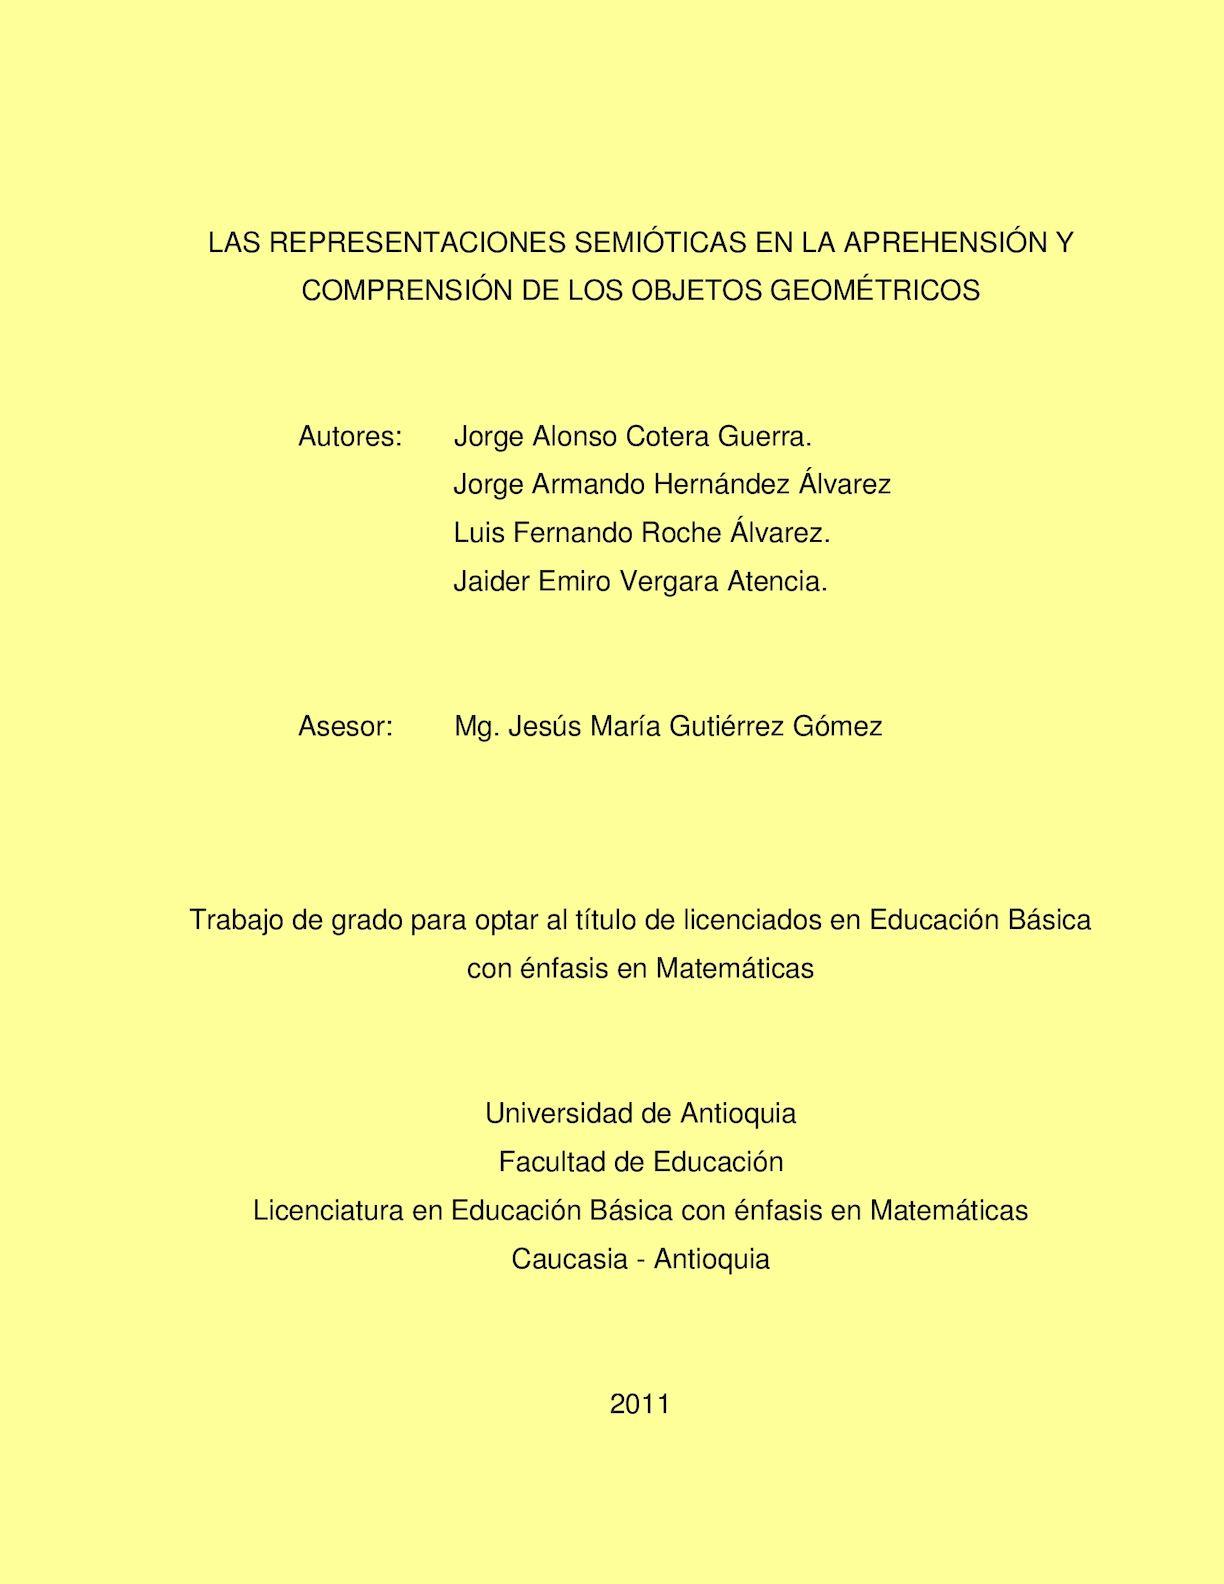 Calaméo - La Representaciones Semióticas en la Aprehensión y ...